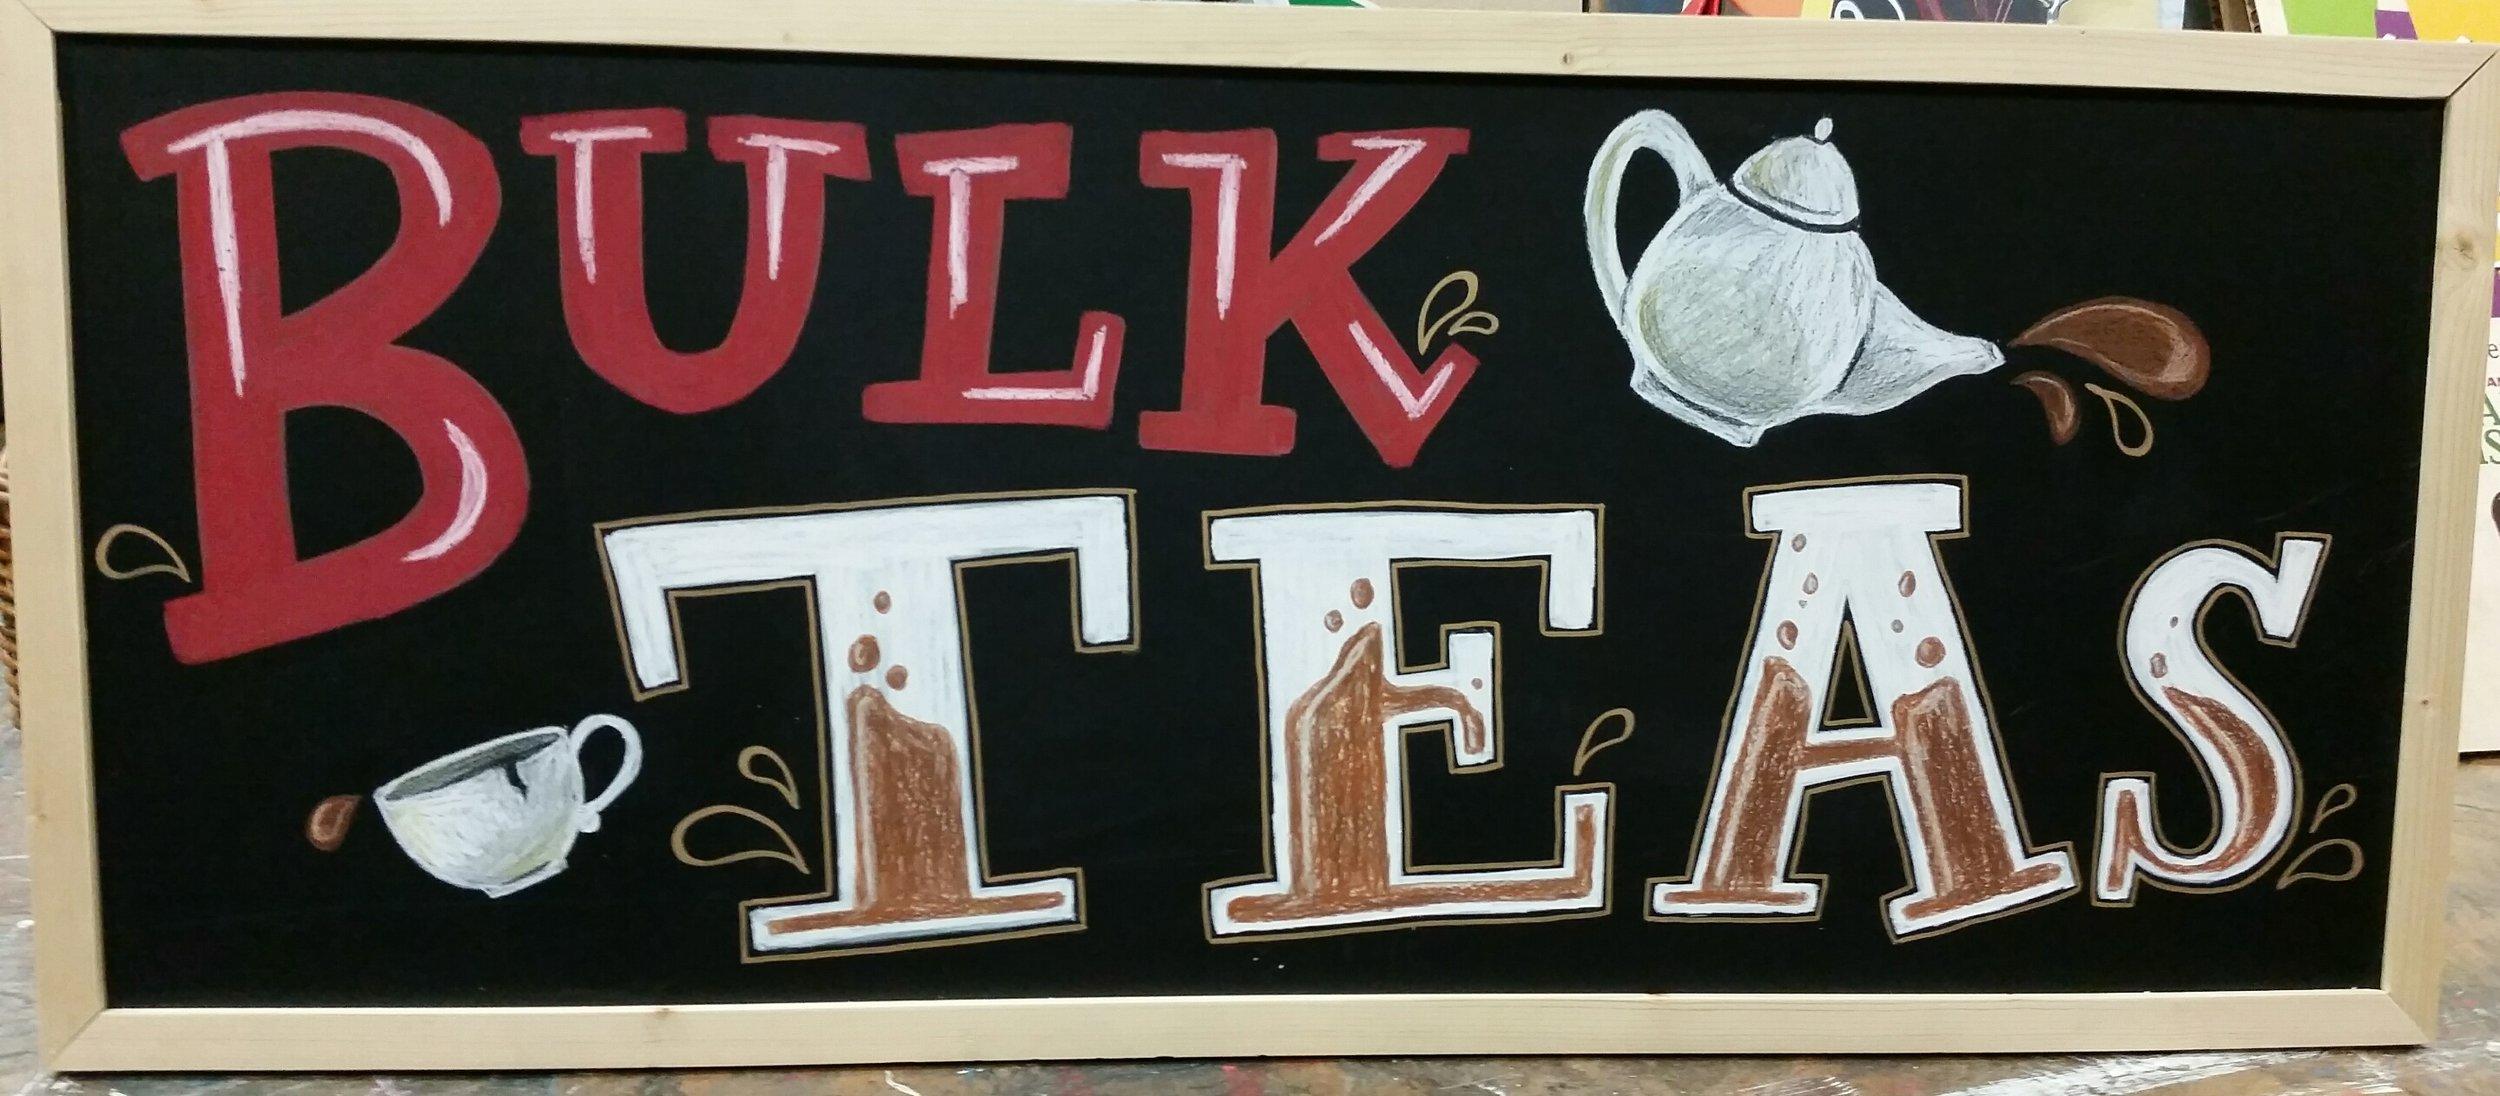 Bulk tea chalkboard inside the strongsville market district in ohio